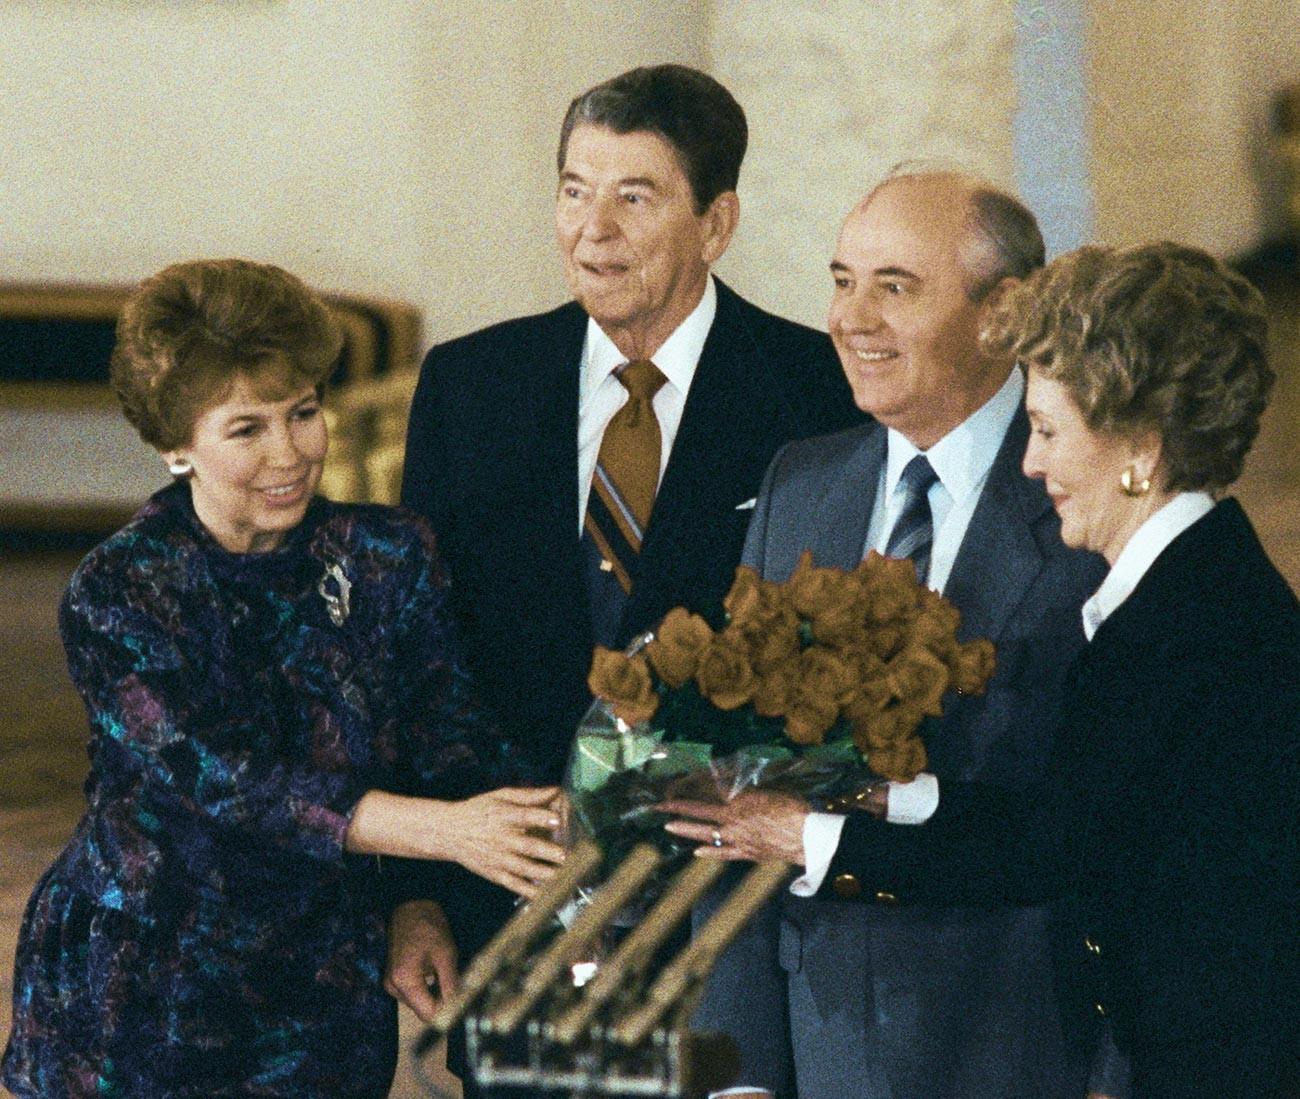 Il Segretario generale del PCUS Mikhail Gorbachev (il secondo da destra) e il presidente USA Ronald Reagan (al centro) insieme alle rispettive consorti durante un incontro al Cremlino, in occasione di una visita ufficiale di Reagan in URSS, 1988